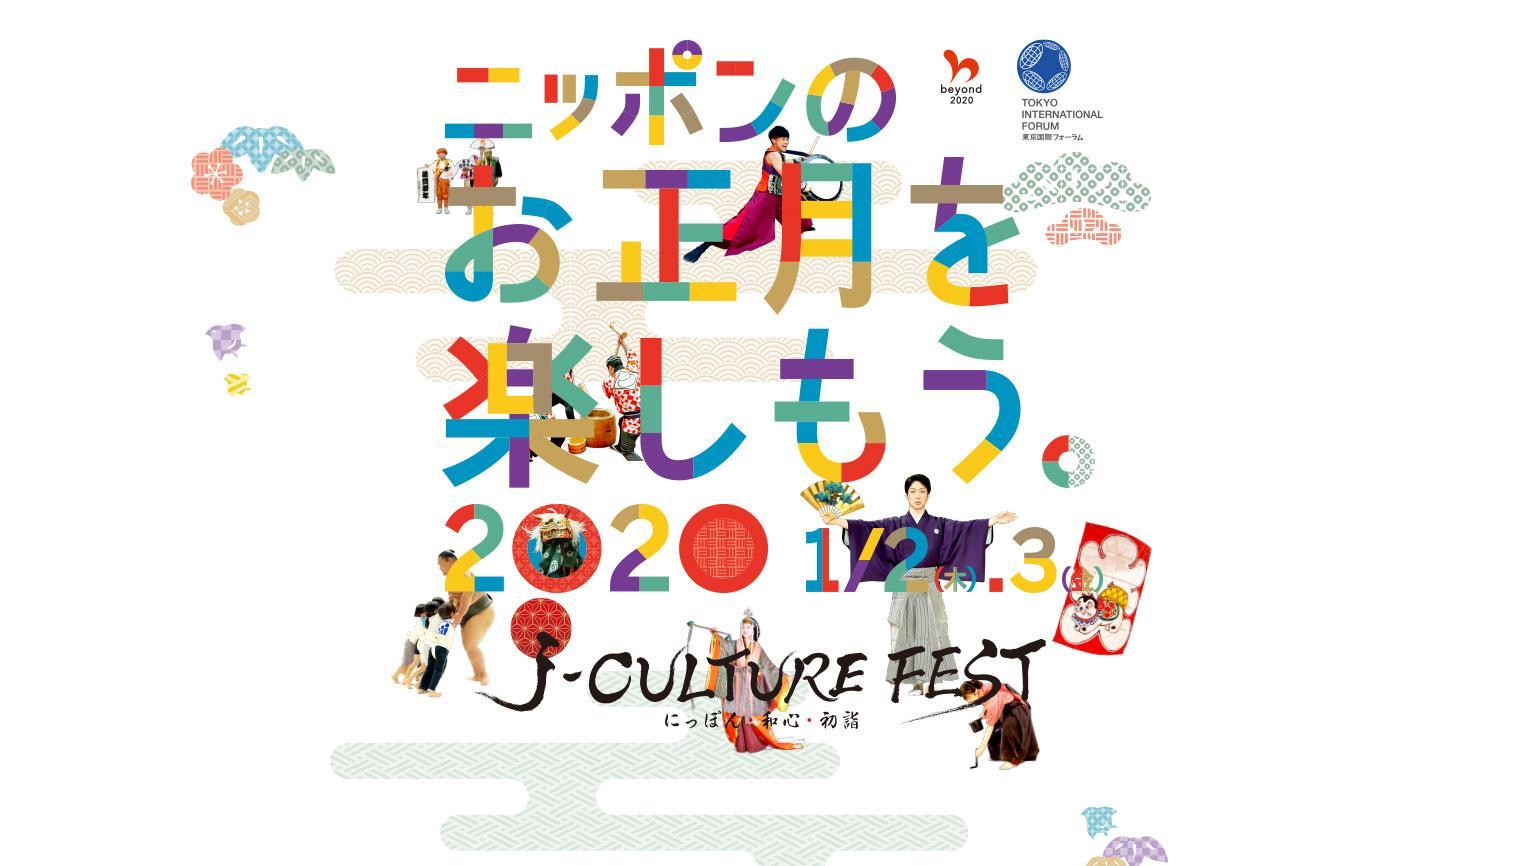 ニッポンのお正月を楽しもう。J-CULTURE FEST 2020